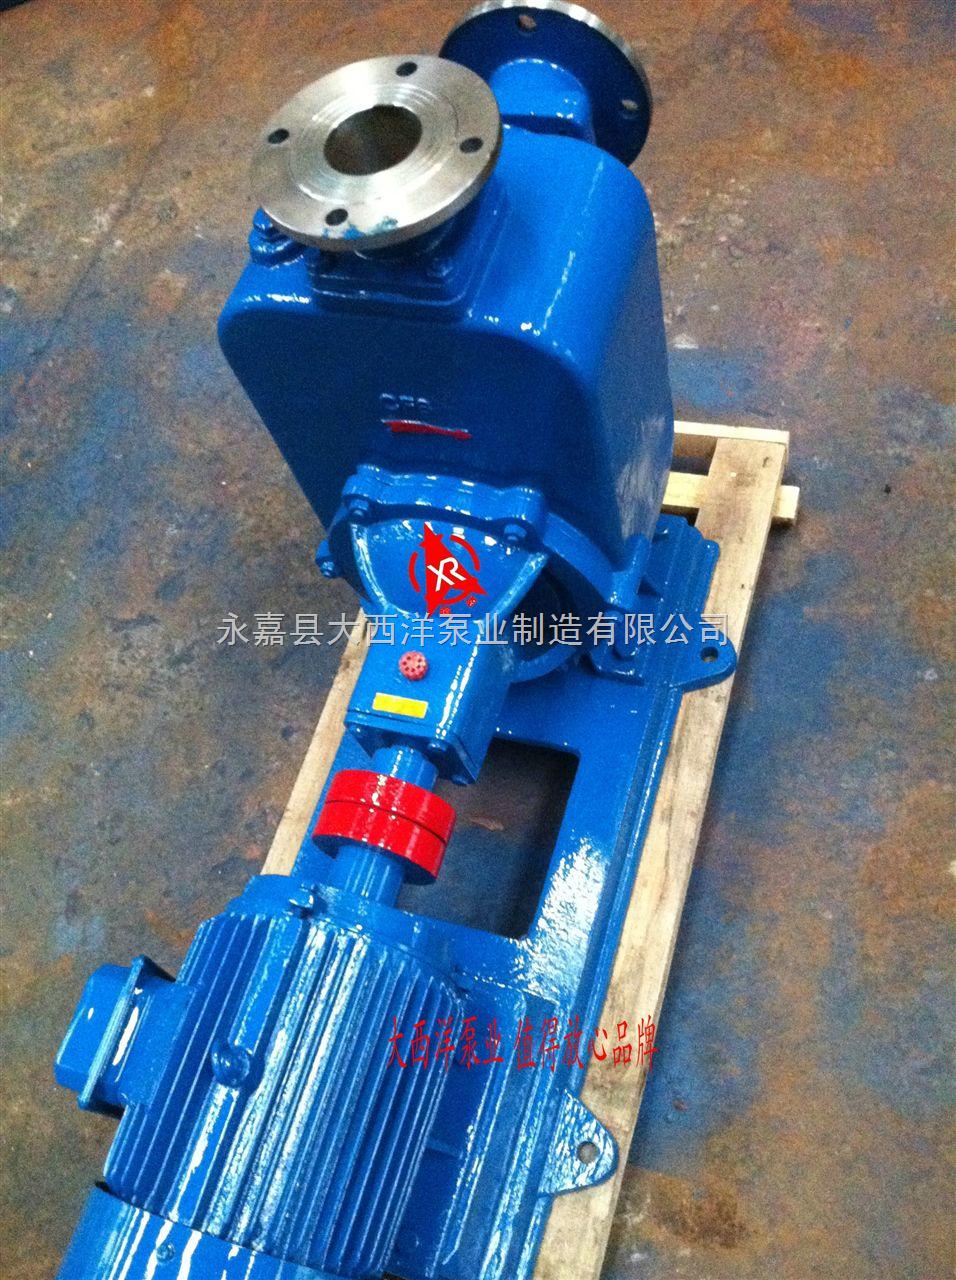 自吸式离心油泵,立式自吸泵,自吸酒泵,衬四氟自吸泵,耐腐耐磨自吸泵